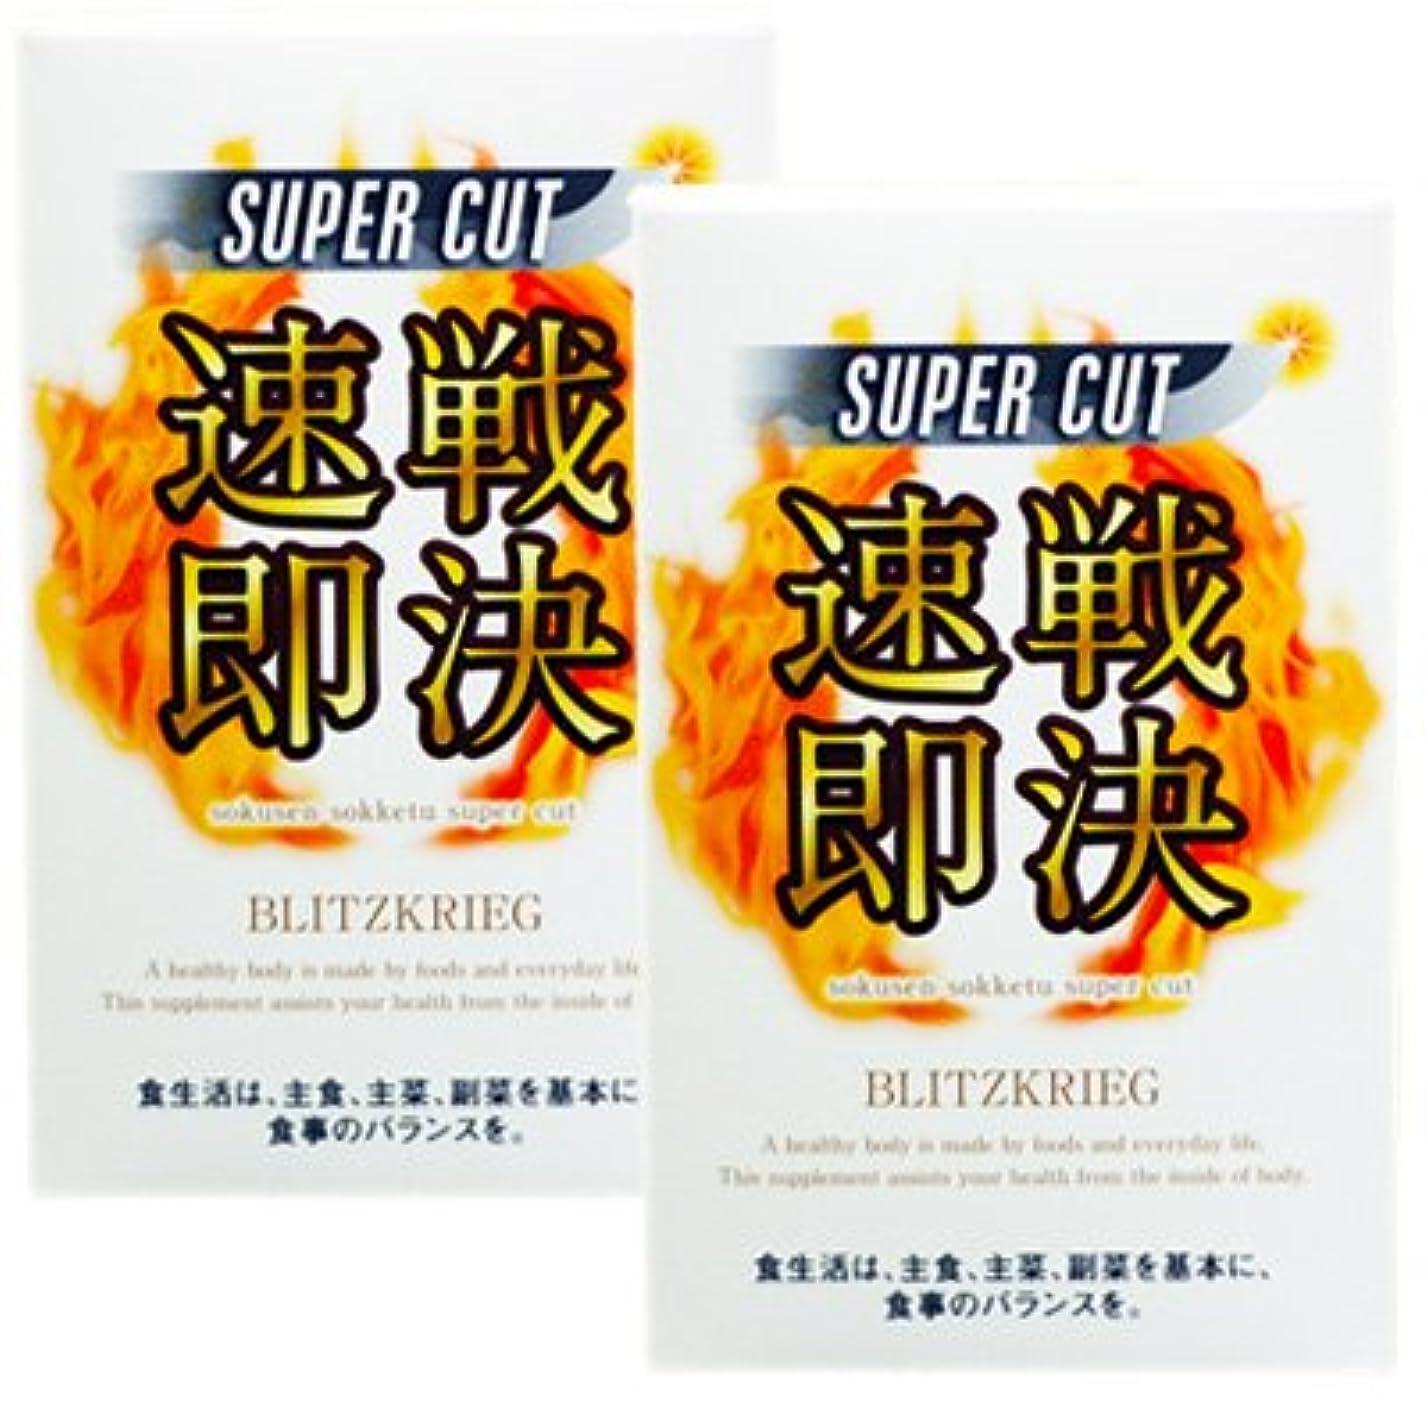 生き返らせる王位ホイスト速戦即決 スーパーカット2個セット! そくせんそっけつ×2個 SUPER CUT